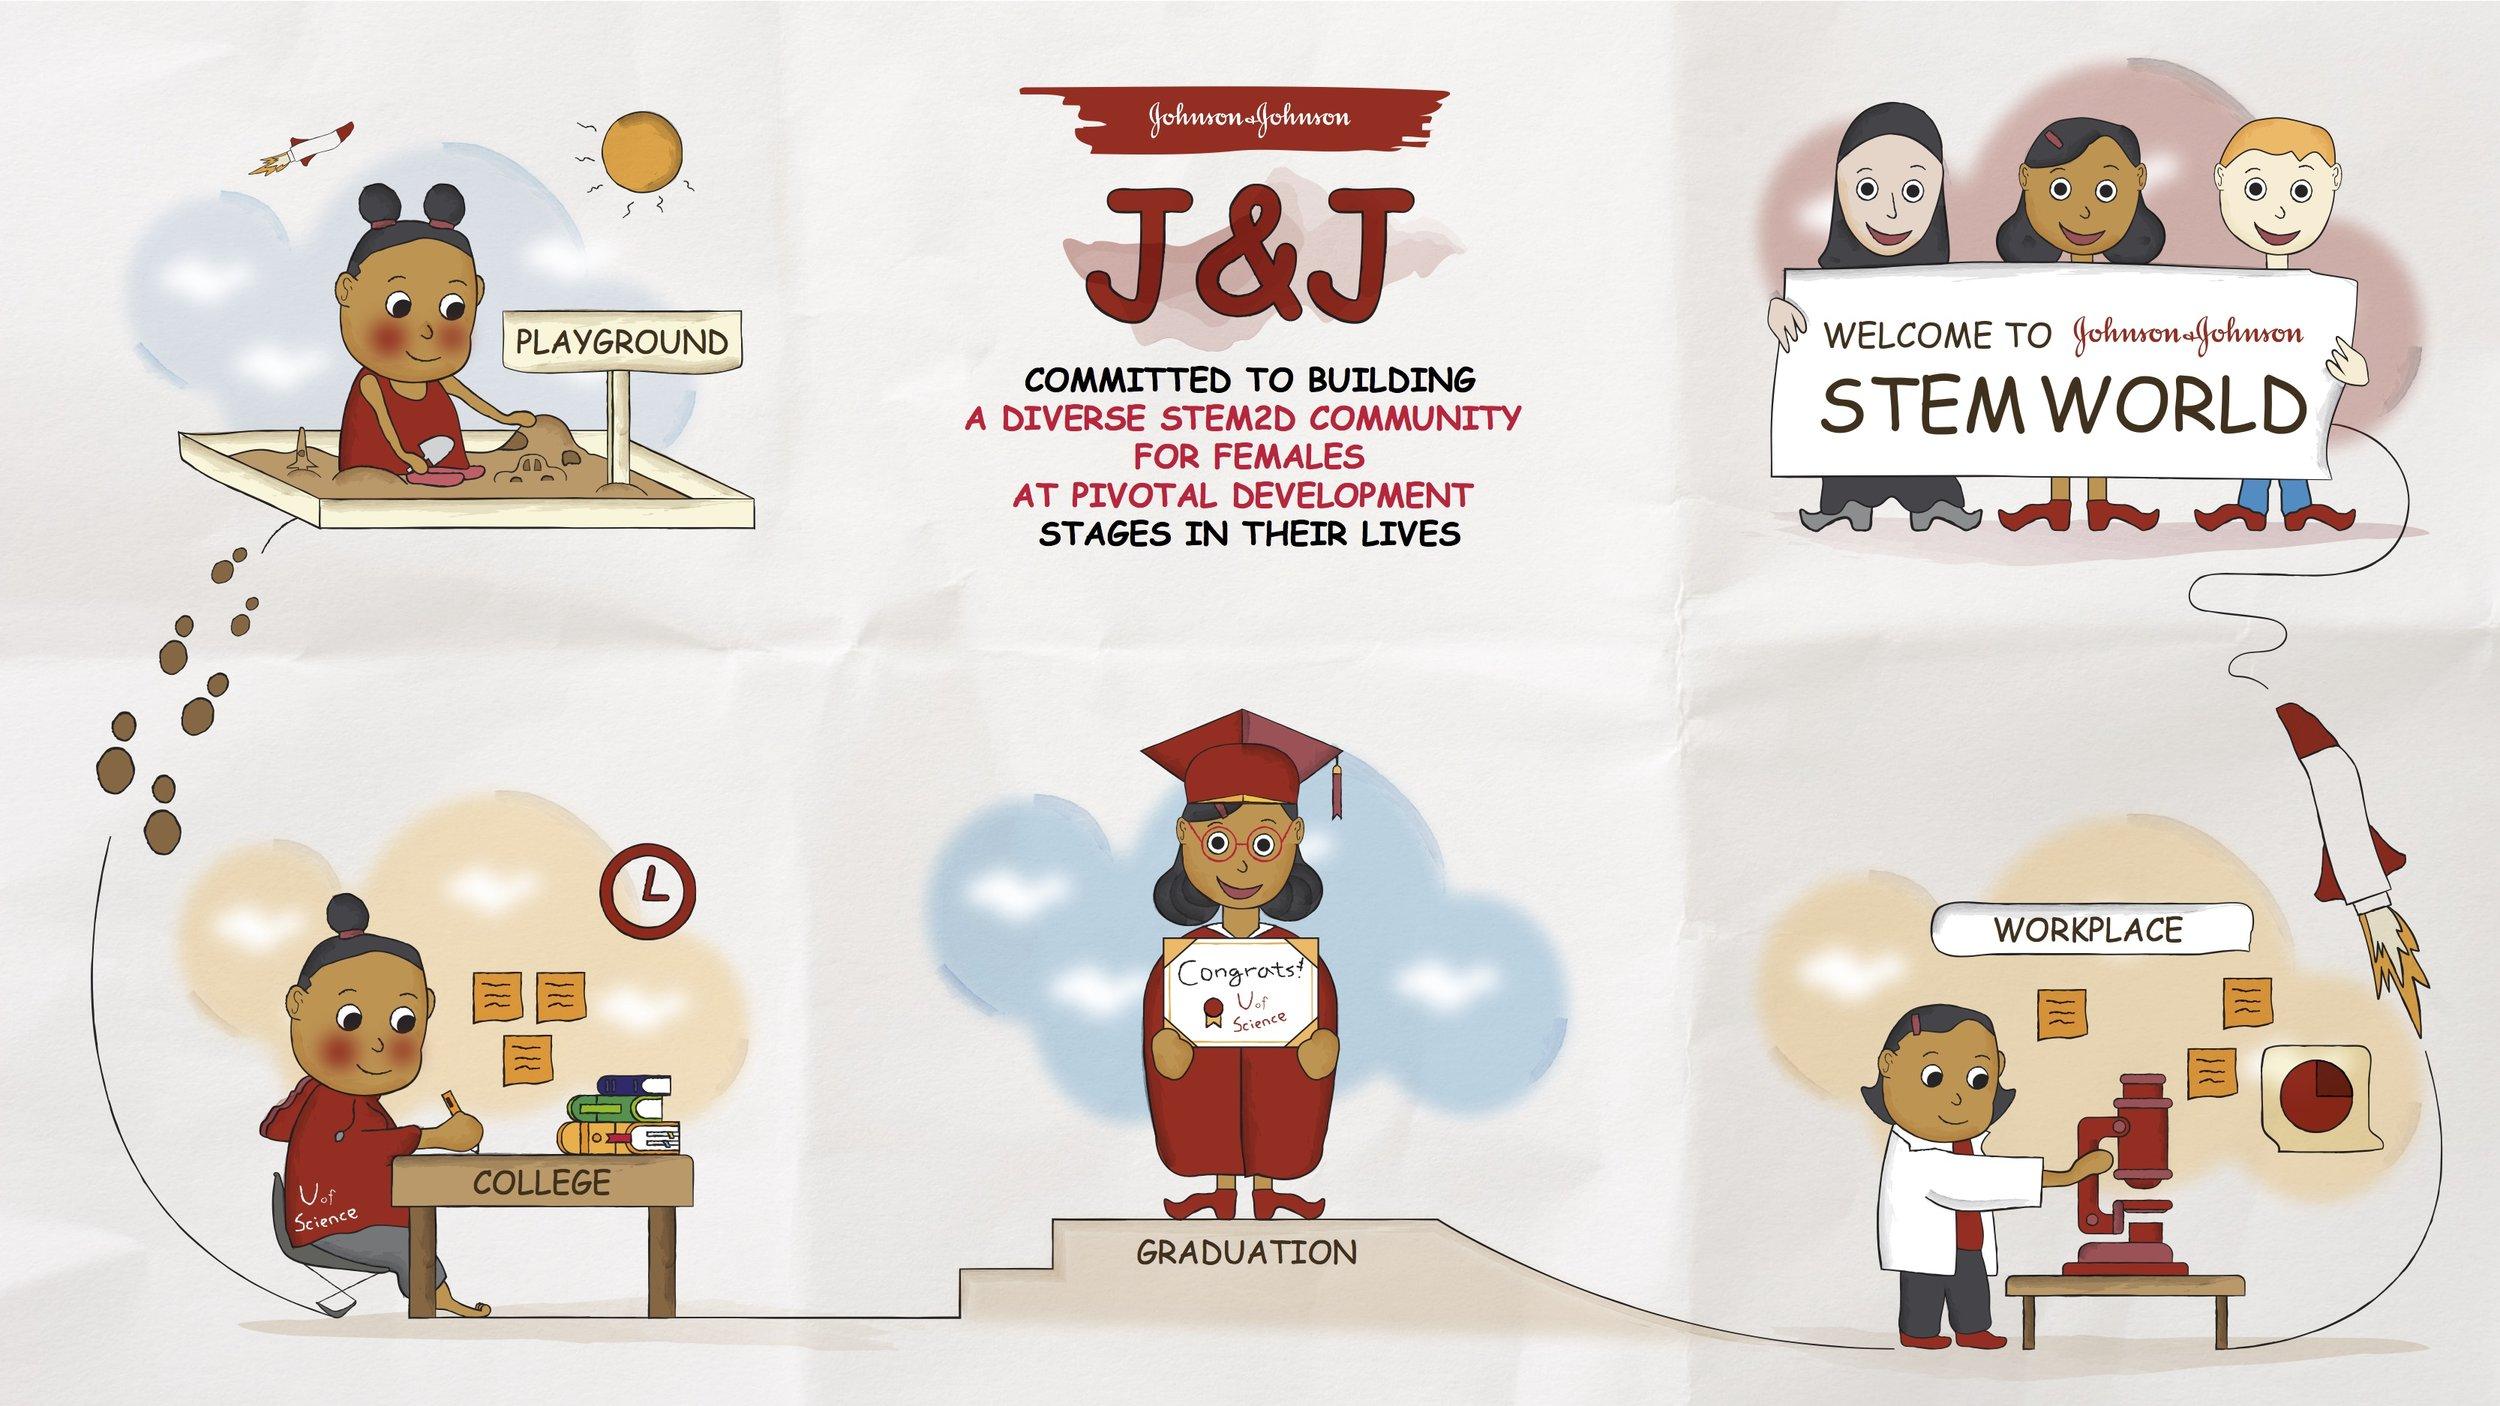 JnJ_Women in STEM_Journey.jpg